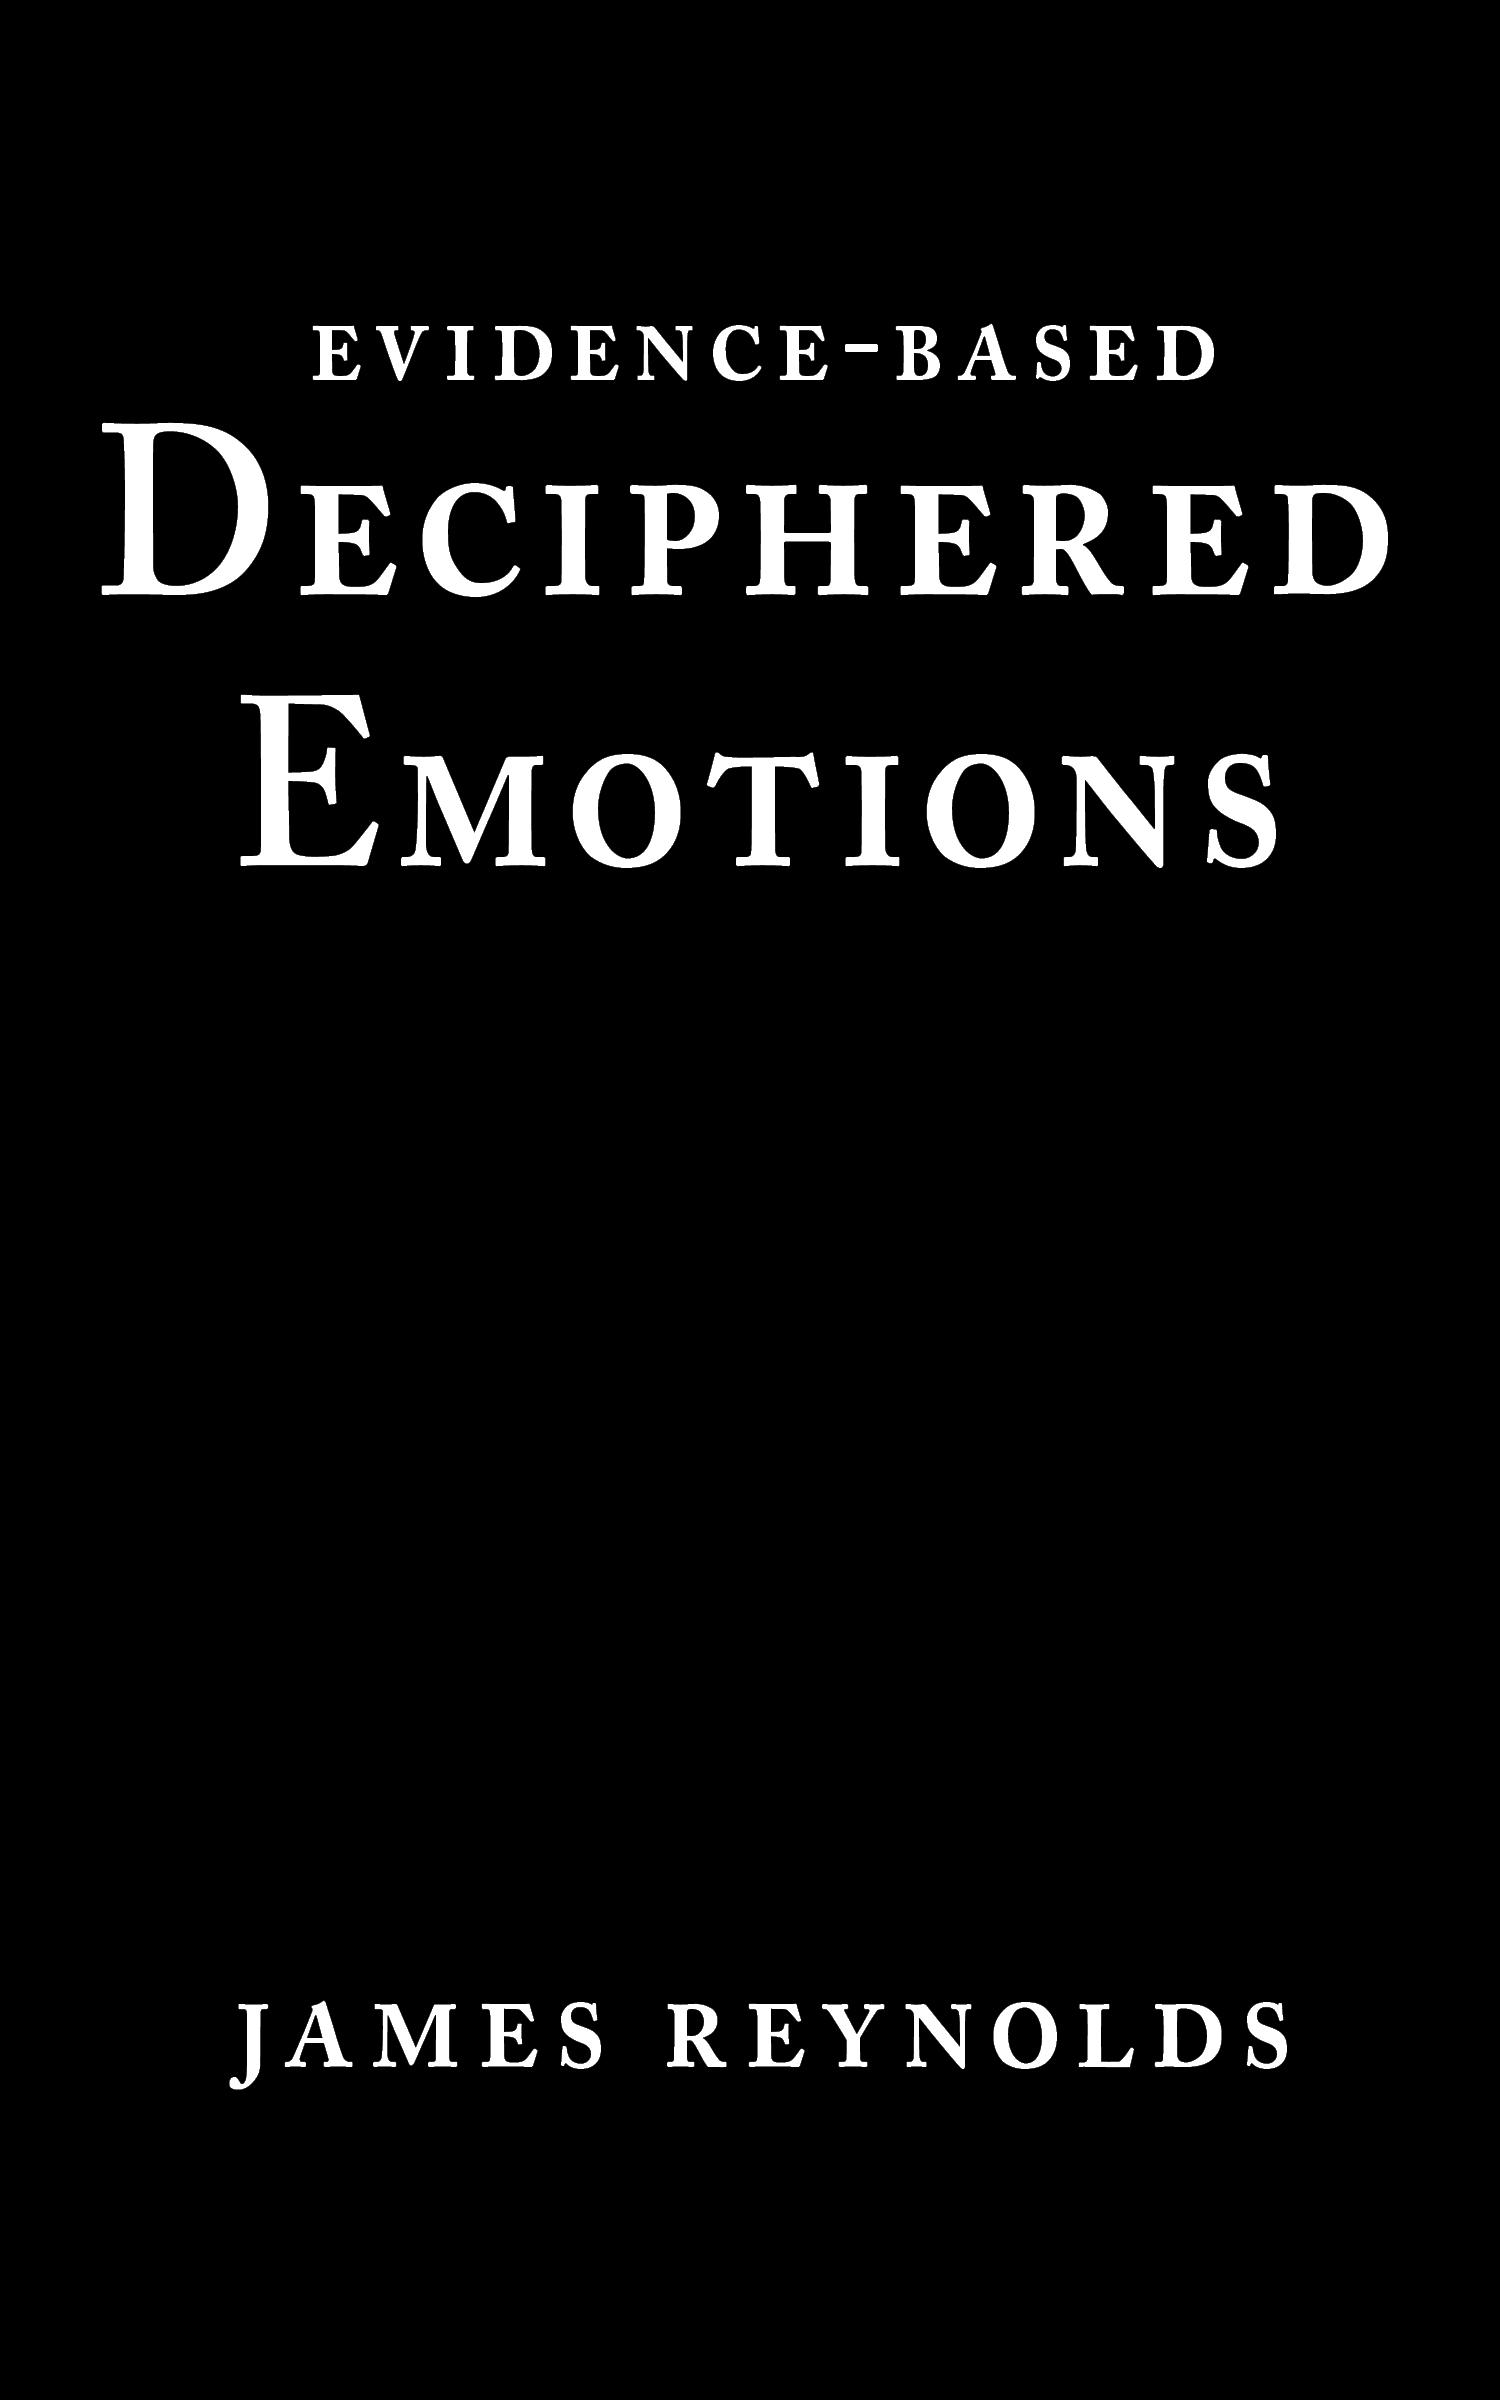 'EVIDENCE-BASED' + 'DECIPHERED EMOTIONS' + 'JAMES REYNOLDS' on black background